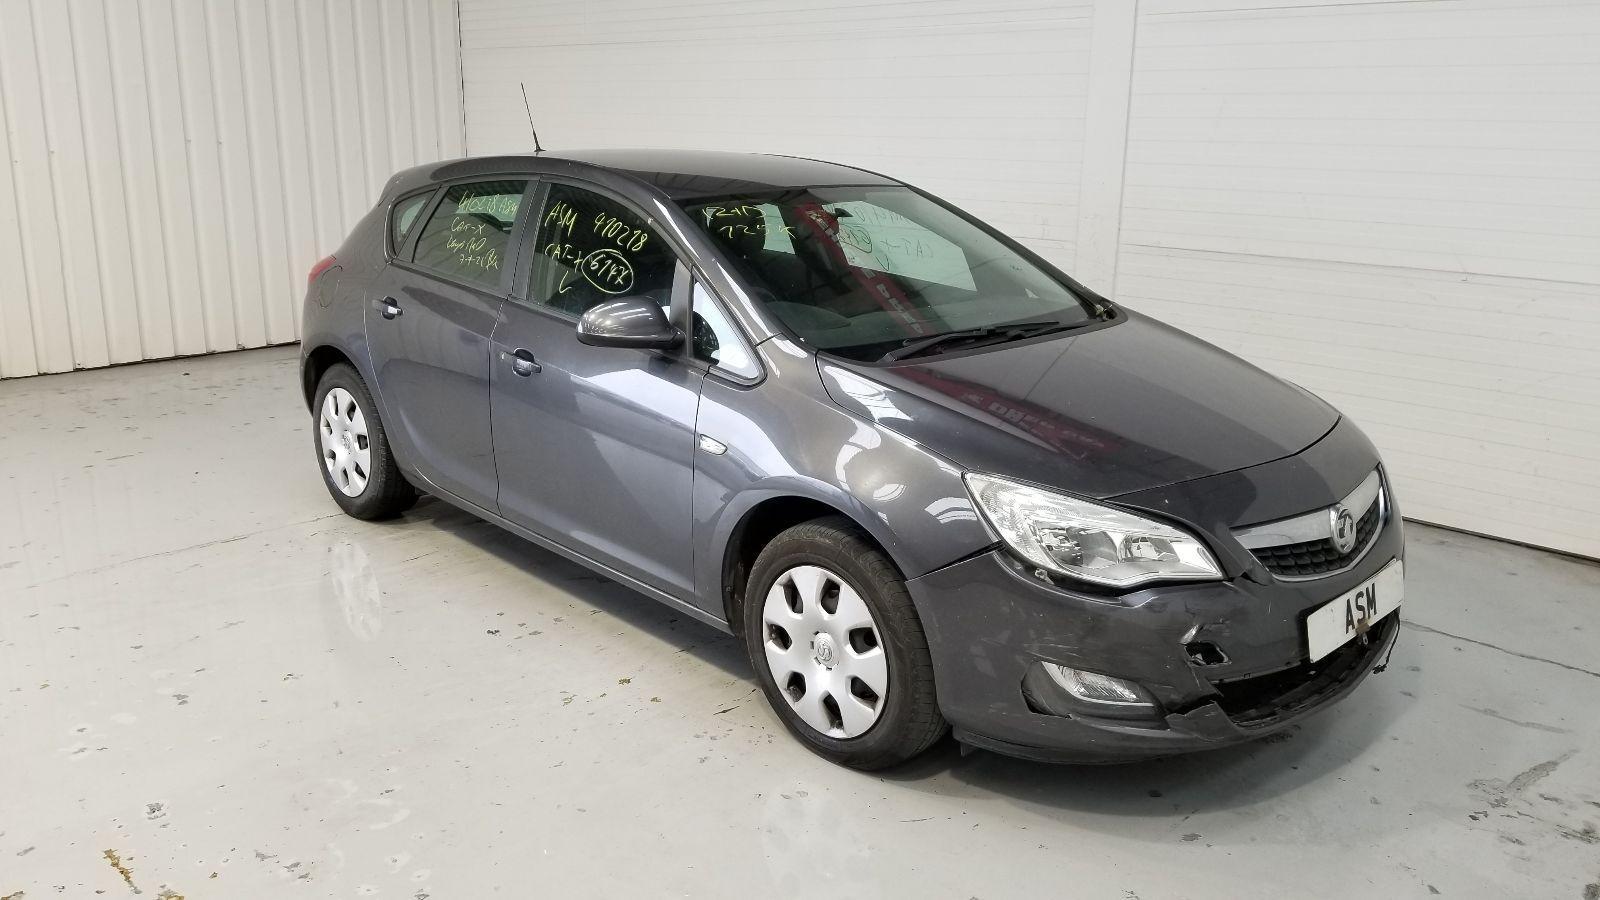 Image for a Vauxhall Astra 2010 5 Door Hatchback Breaking